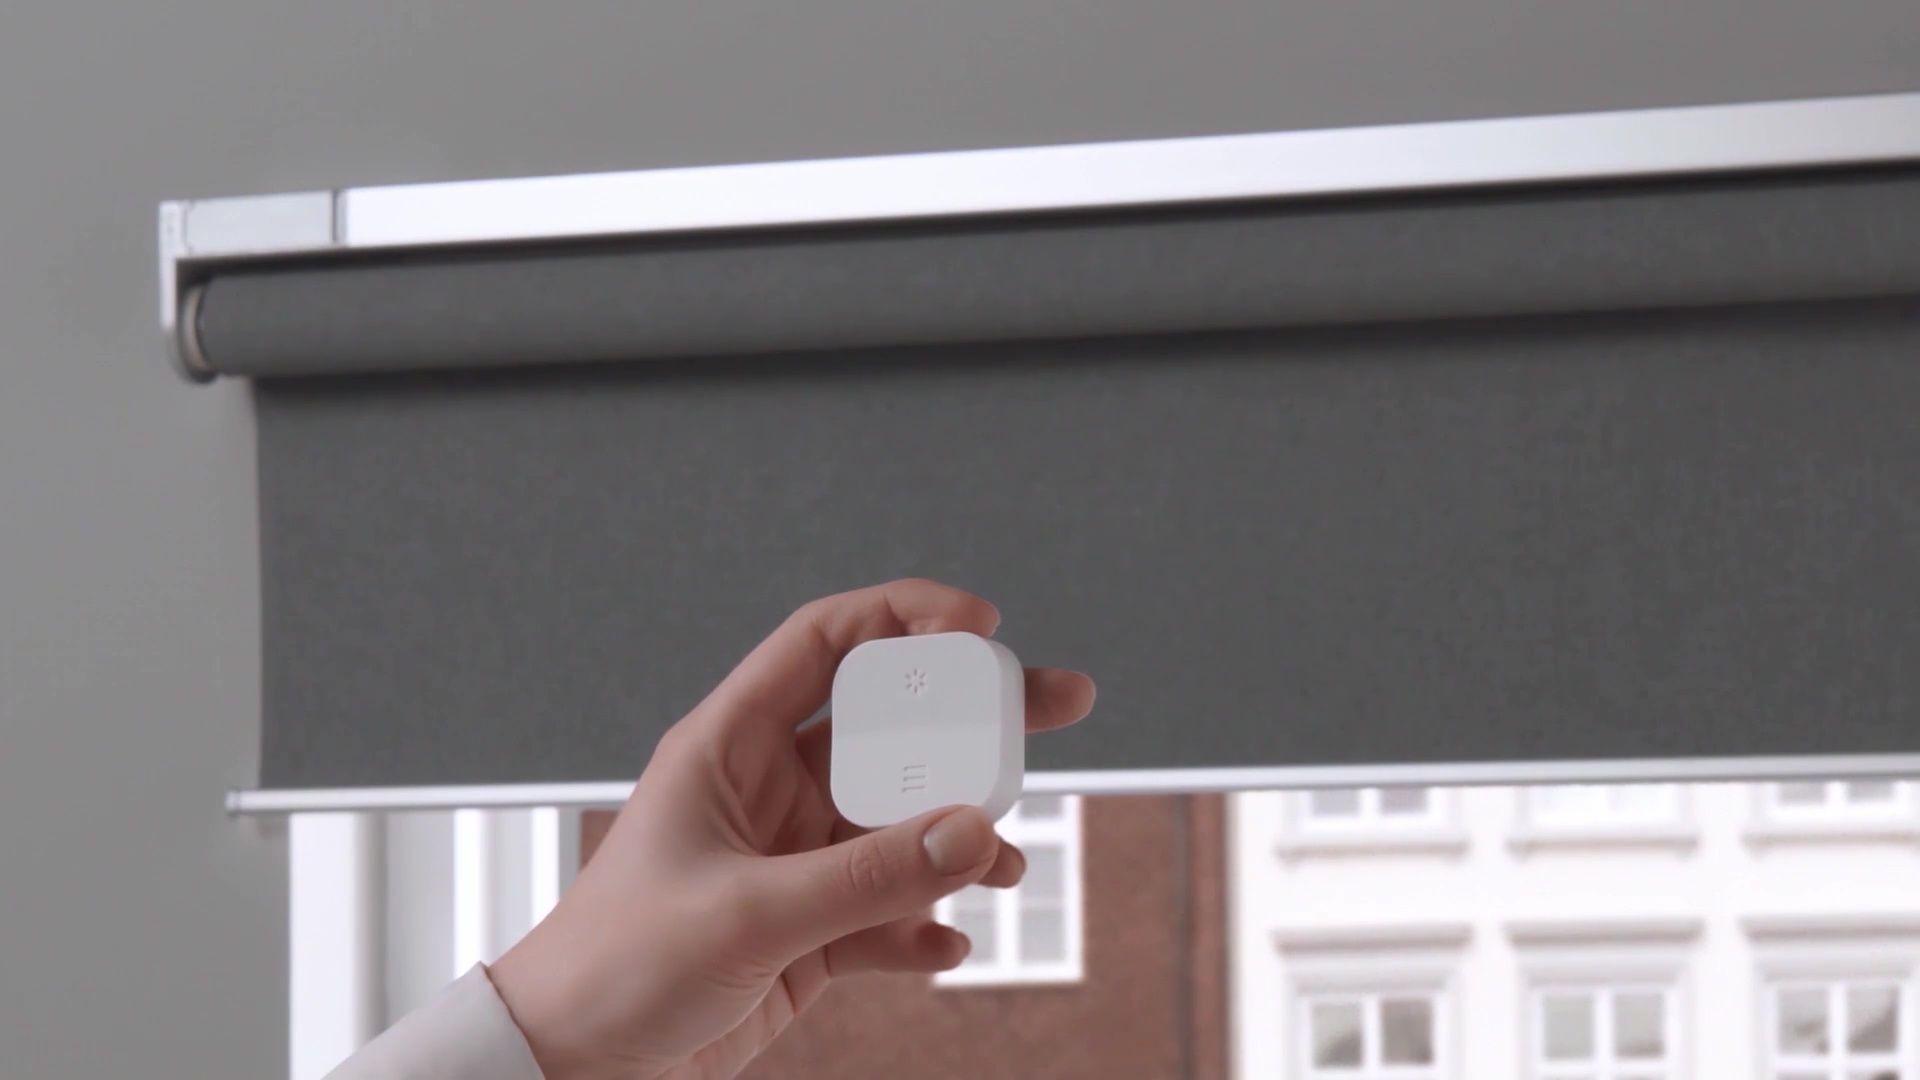 Full Size of Fenster Jalousien Küche Kaufen Ikea Kosten Sofa Mit Schlaffunktion Betten 160x200 Miniküche Modulküche Innen Bei Wohnzimmer Jalousien Ikea